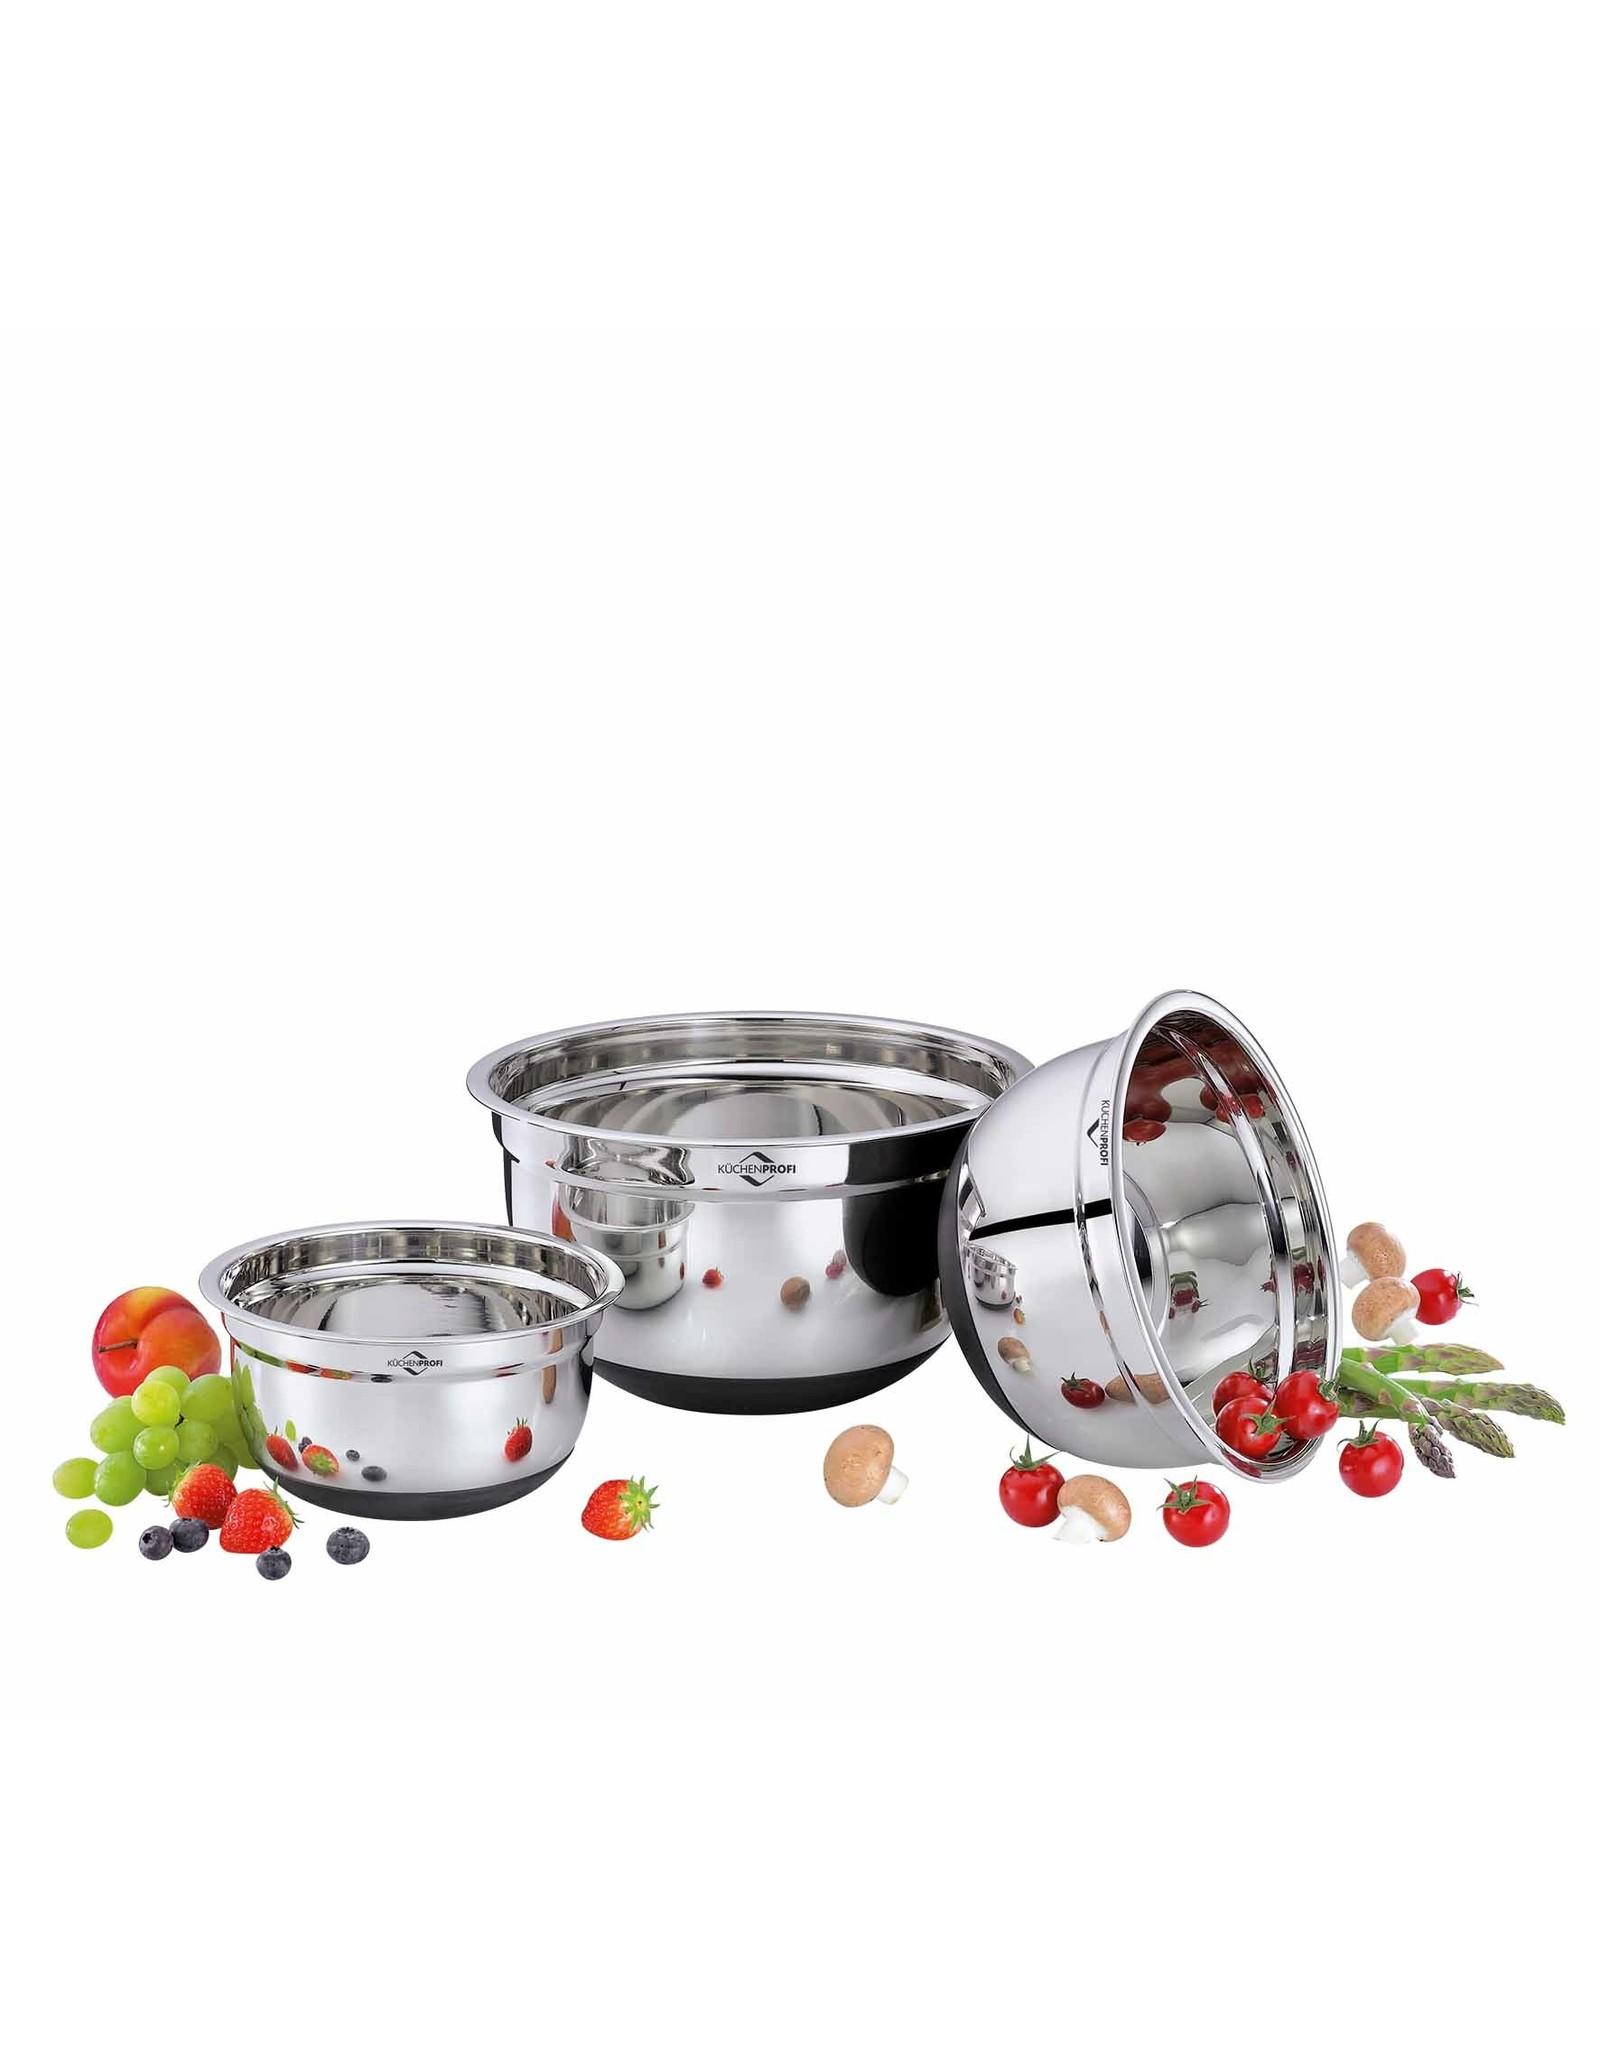 Küchenprofi Mengkommen set rvs met antislip bodem, 3-delig 16cm, 20cm en 24cm